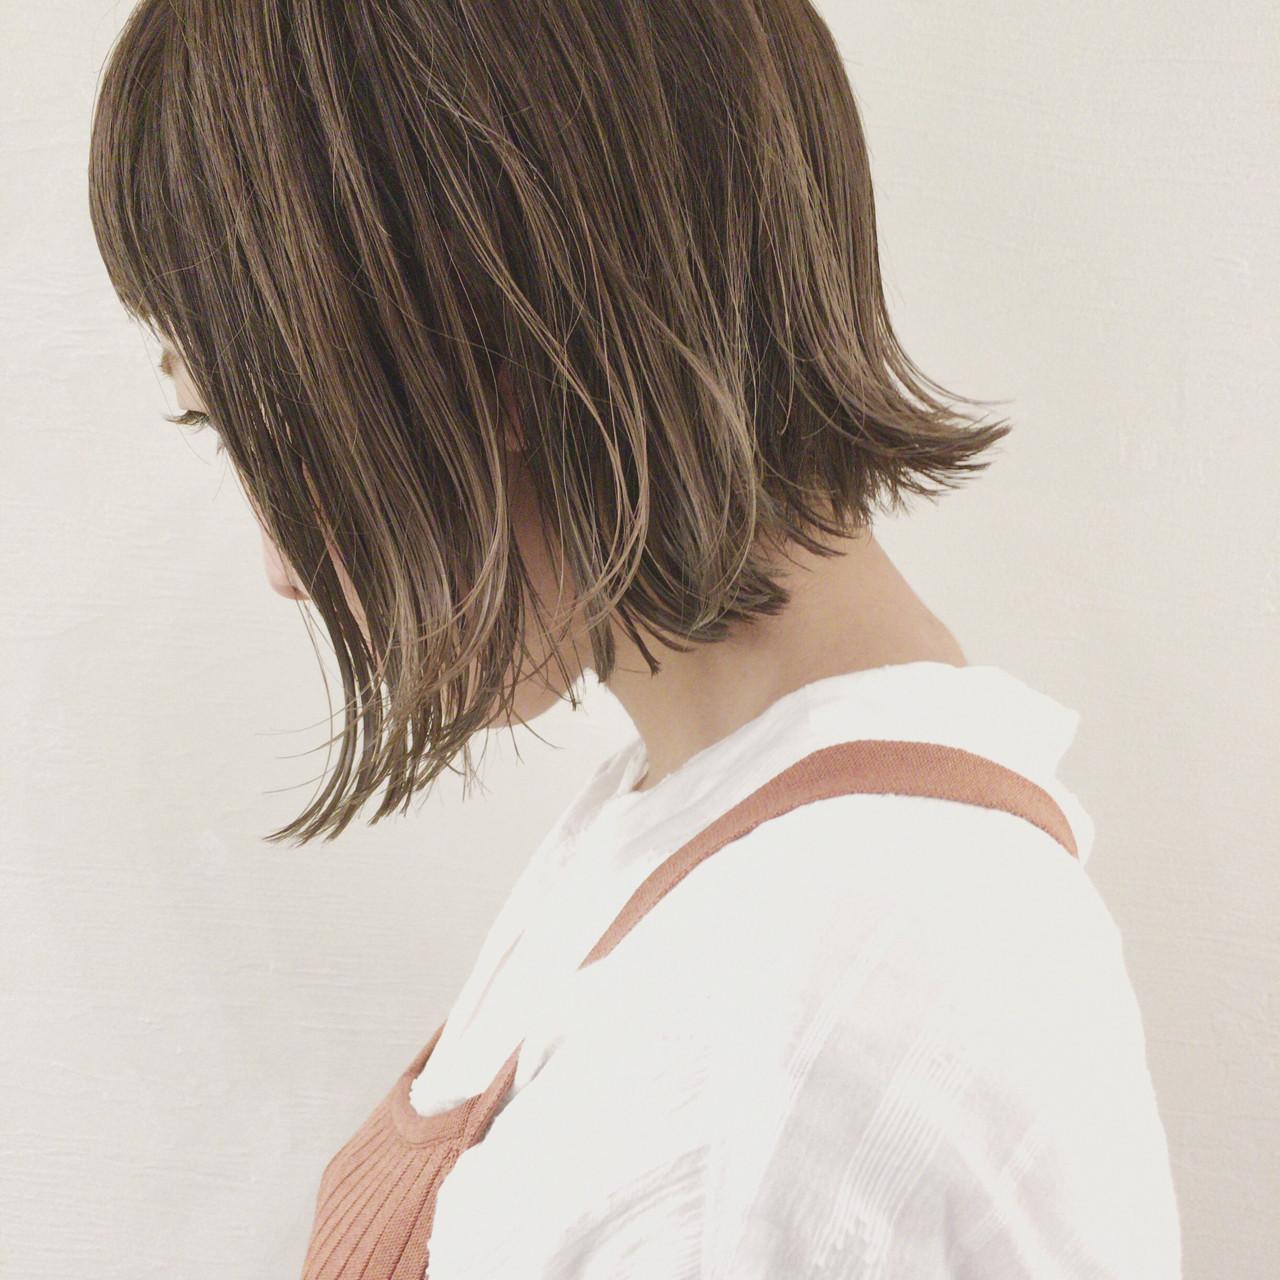 デート ボブ インナーカラー 切りっぱなし ヘアスタイルや髪型の写真・画像